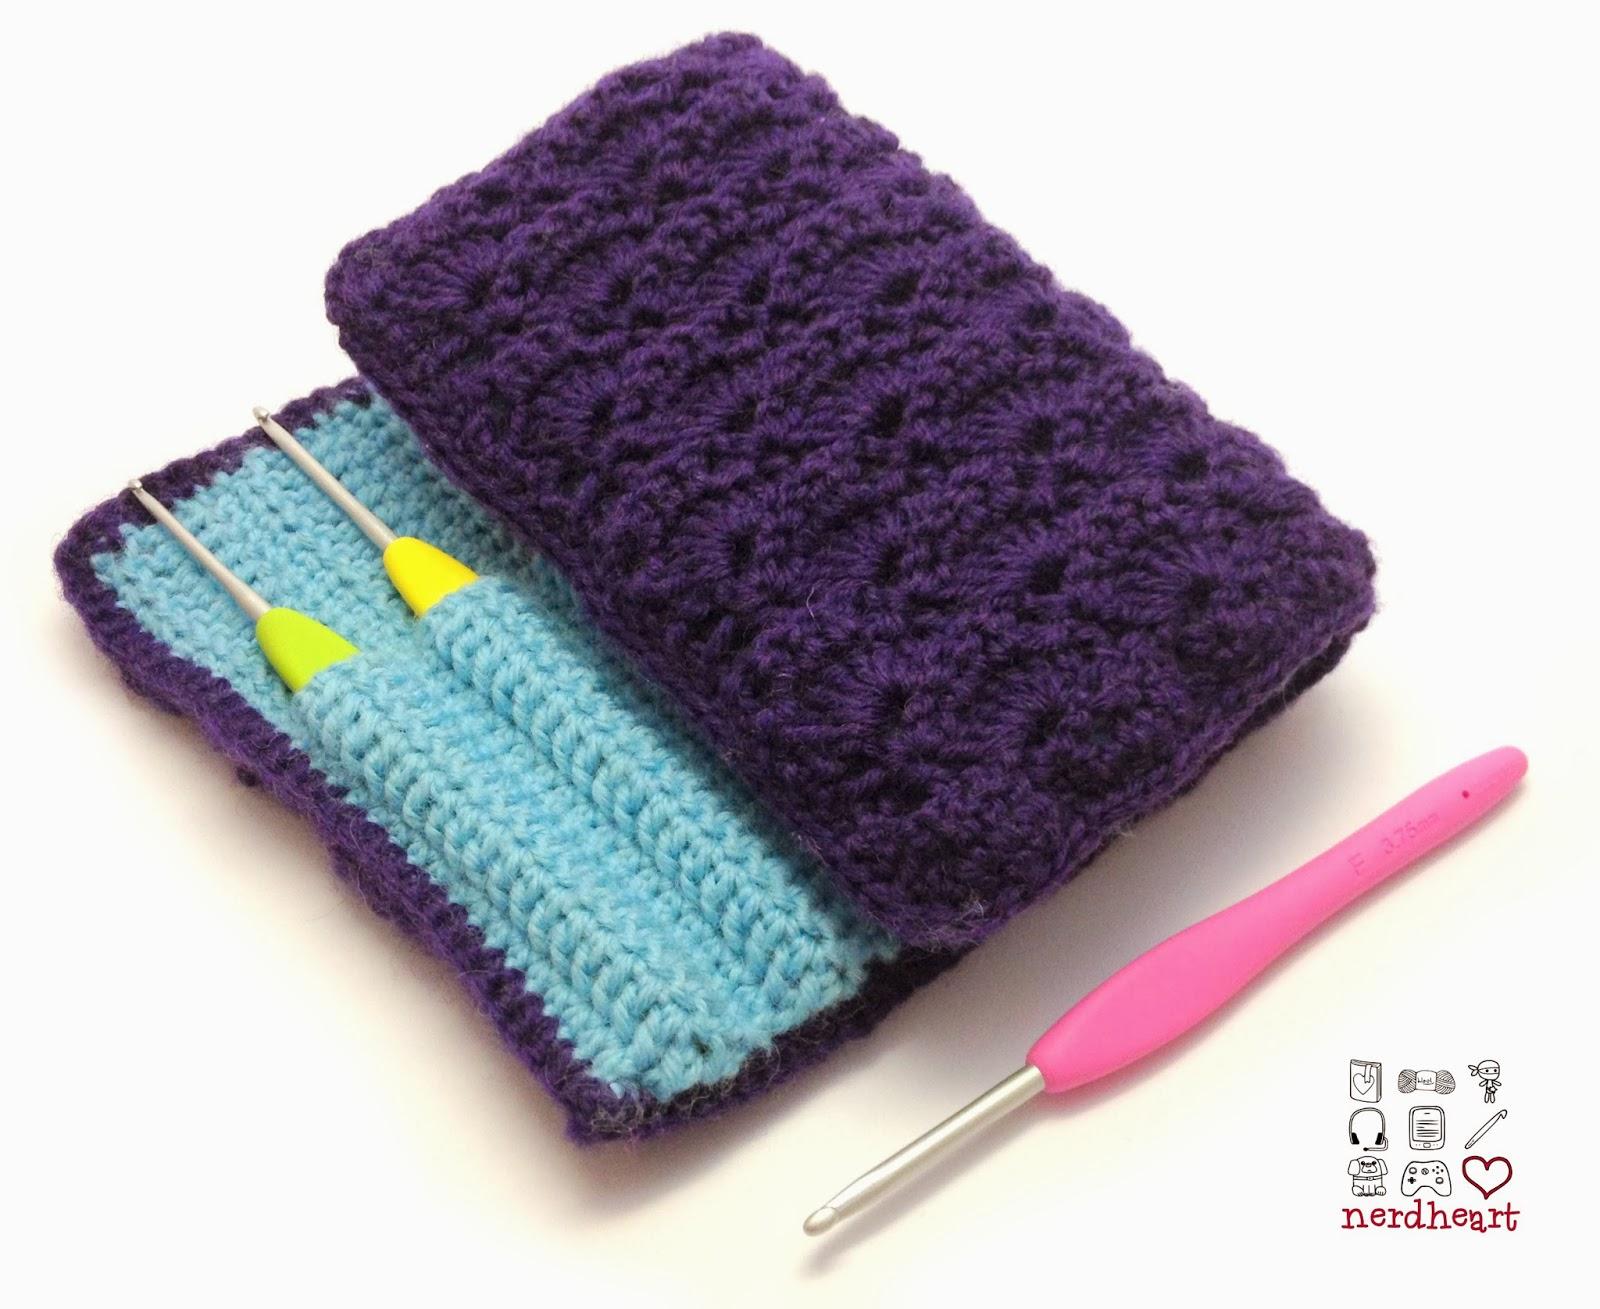 Nerdheart: Crocheted Crochet Hook Case